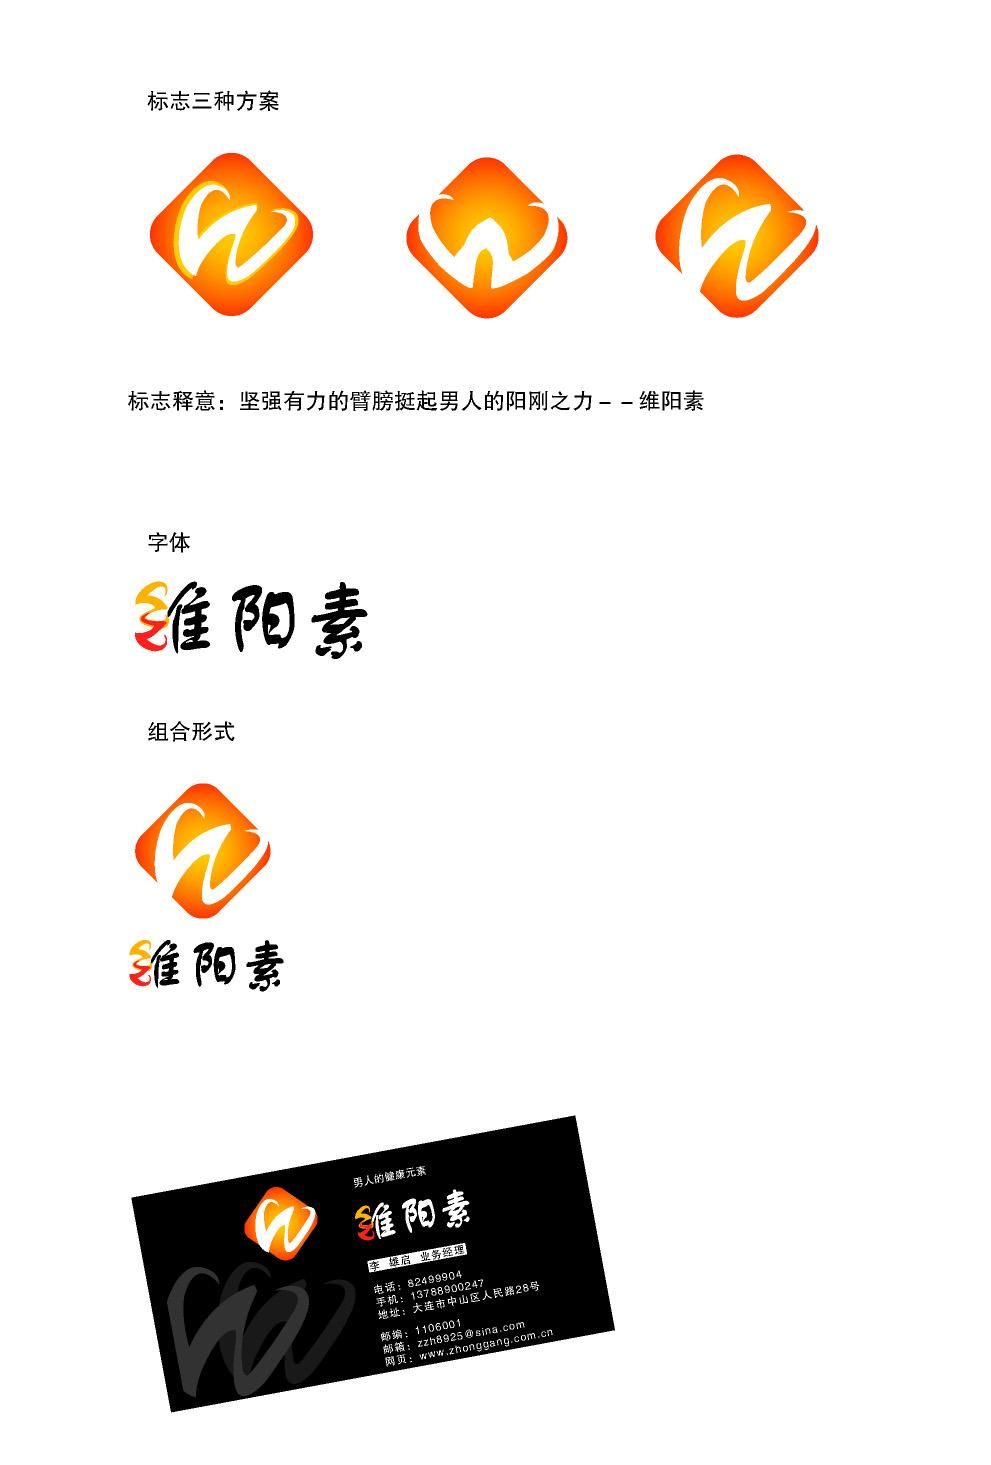 维阳素 公司logo名片说明书设计